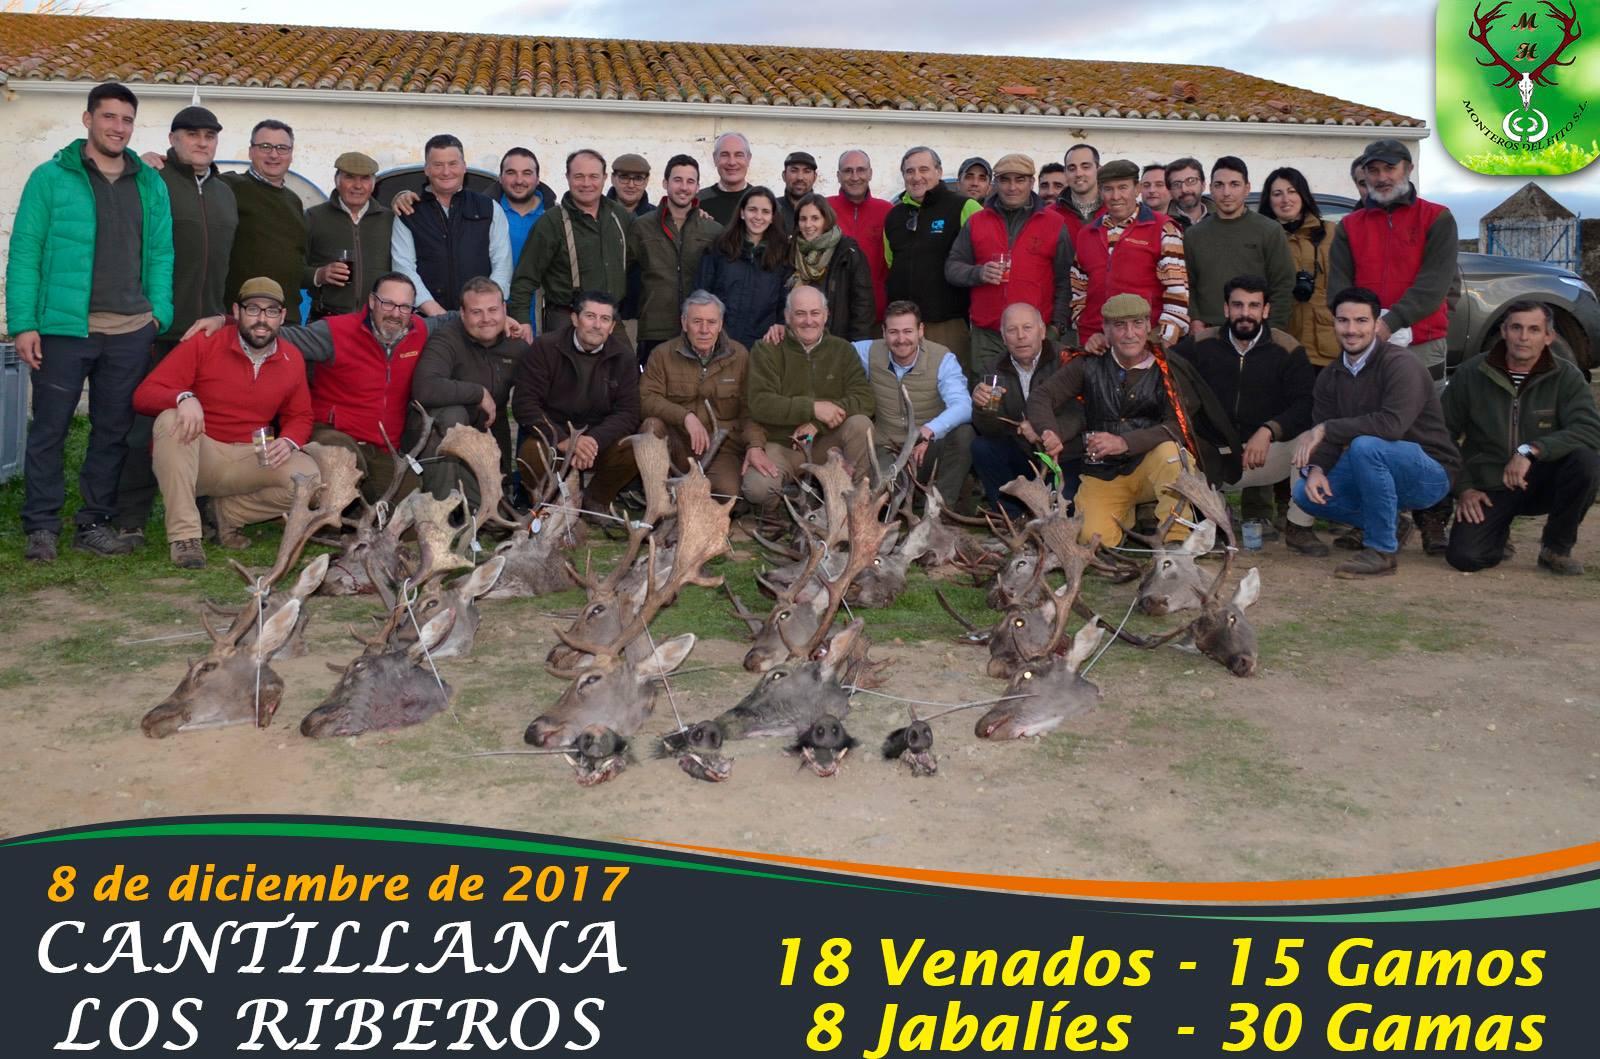 Galería Cantillana – Los Riberos 2017